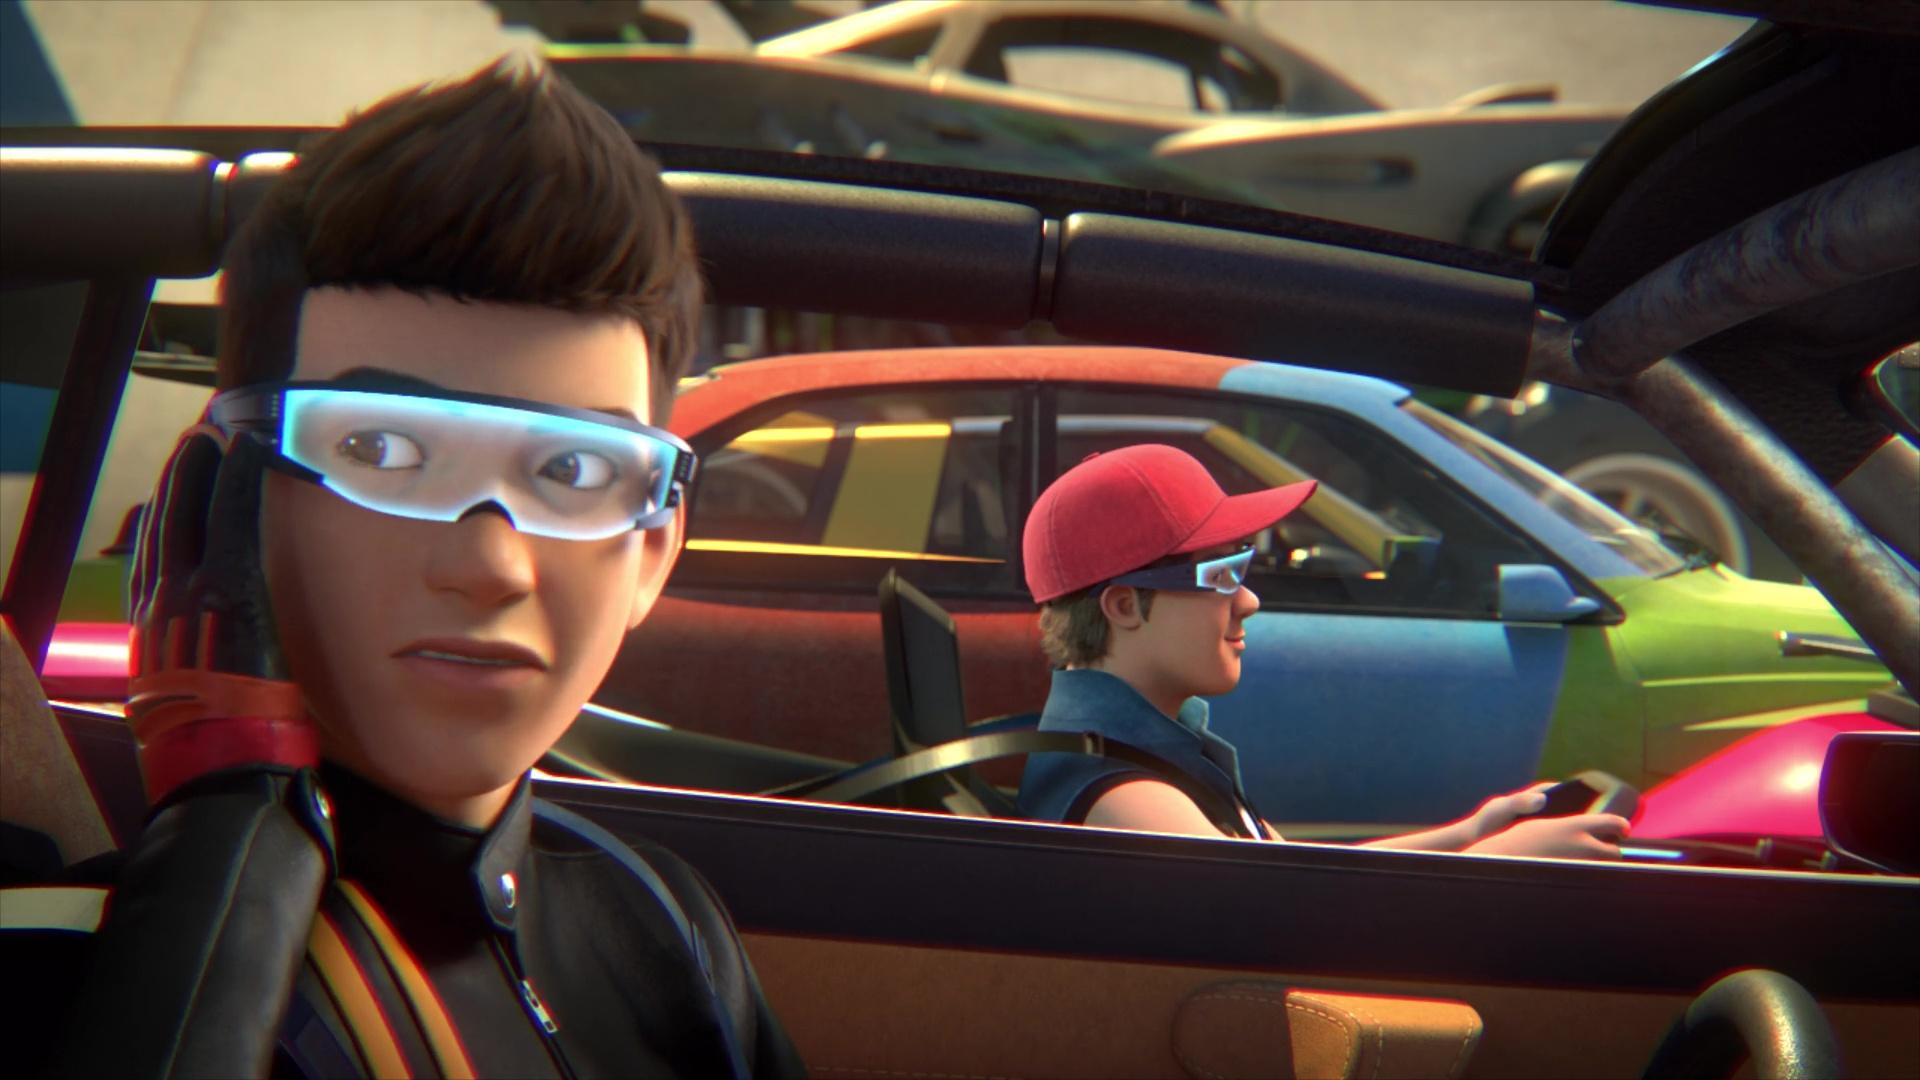 Rápidos y furiosos: Espías al volante (2021) Temporada 5 1080p WEB-DL Latino